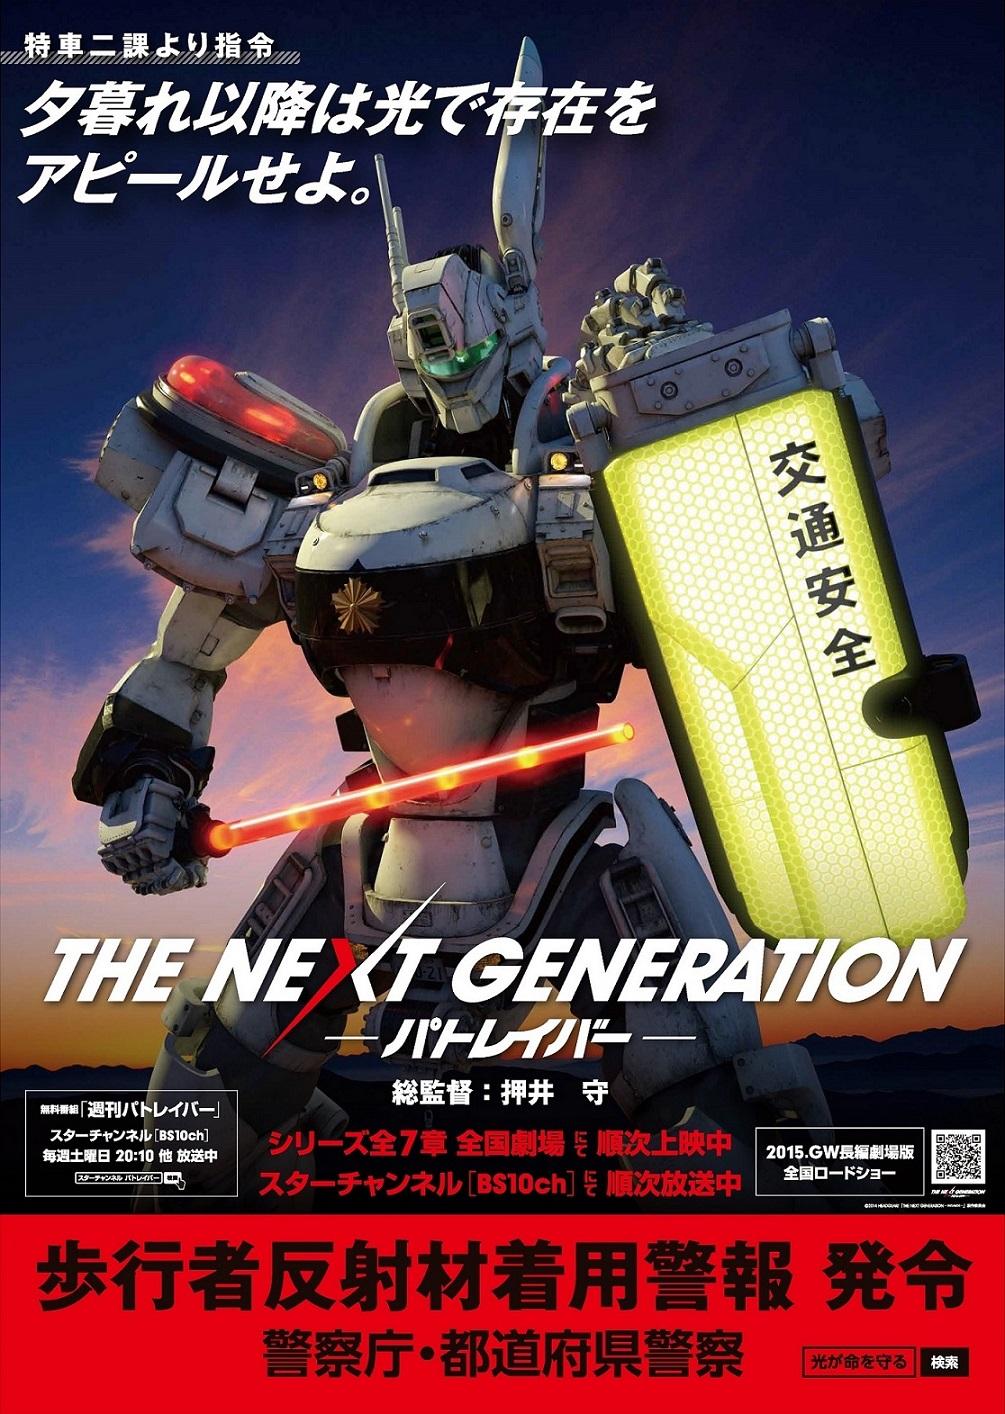 """『THE NEXT GENERATION パトレイバー』×警察庁 コラボレーーション第5弾 """"歩行者反射材着用警報発令""""ポスターを全国展開!"""